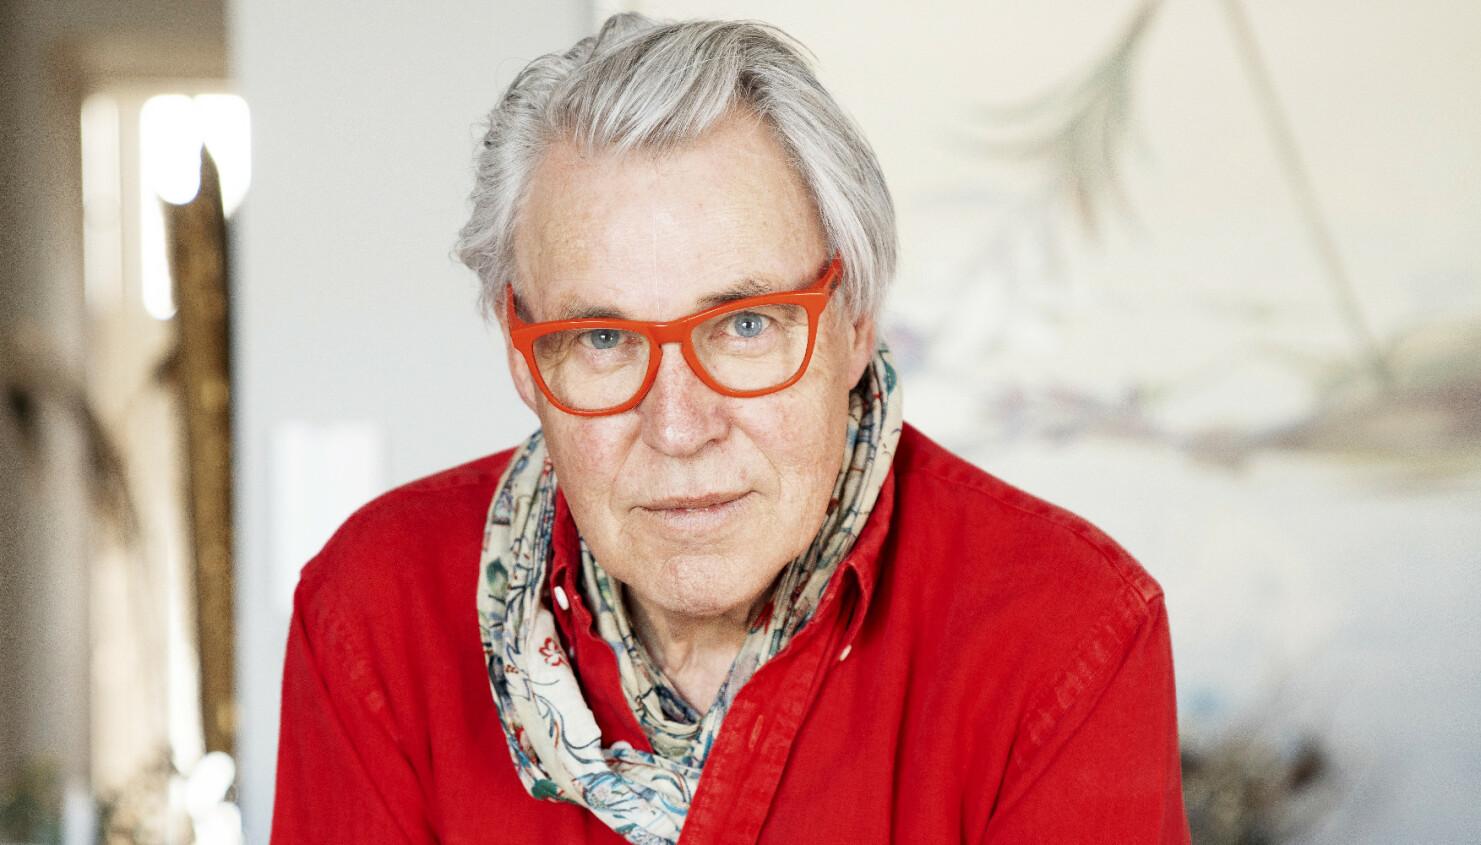 MÅTTE STÅ OVER: – Jeg synes det var veldig kjedelig og leit, men vil berømme TV 2 for at de skjønte alvoret, sier Finn Schjøll. FOTO: